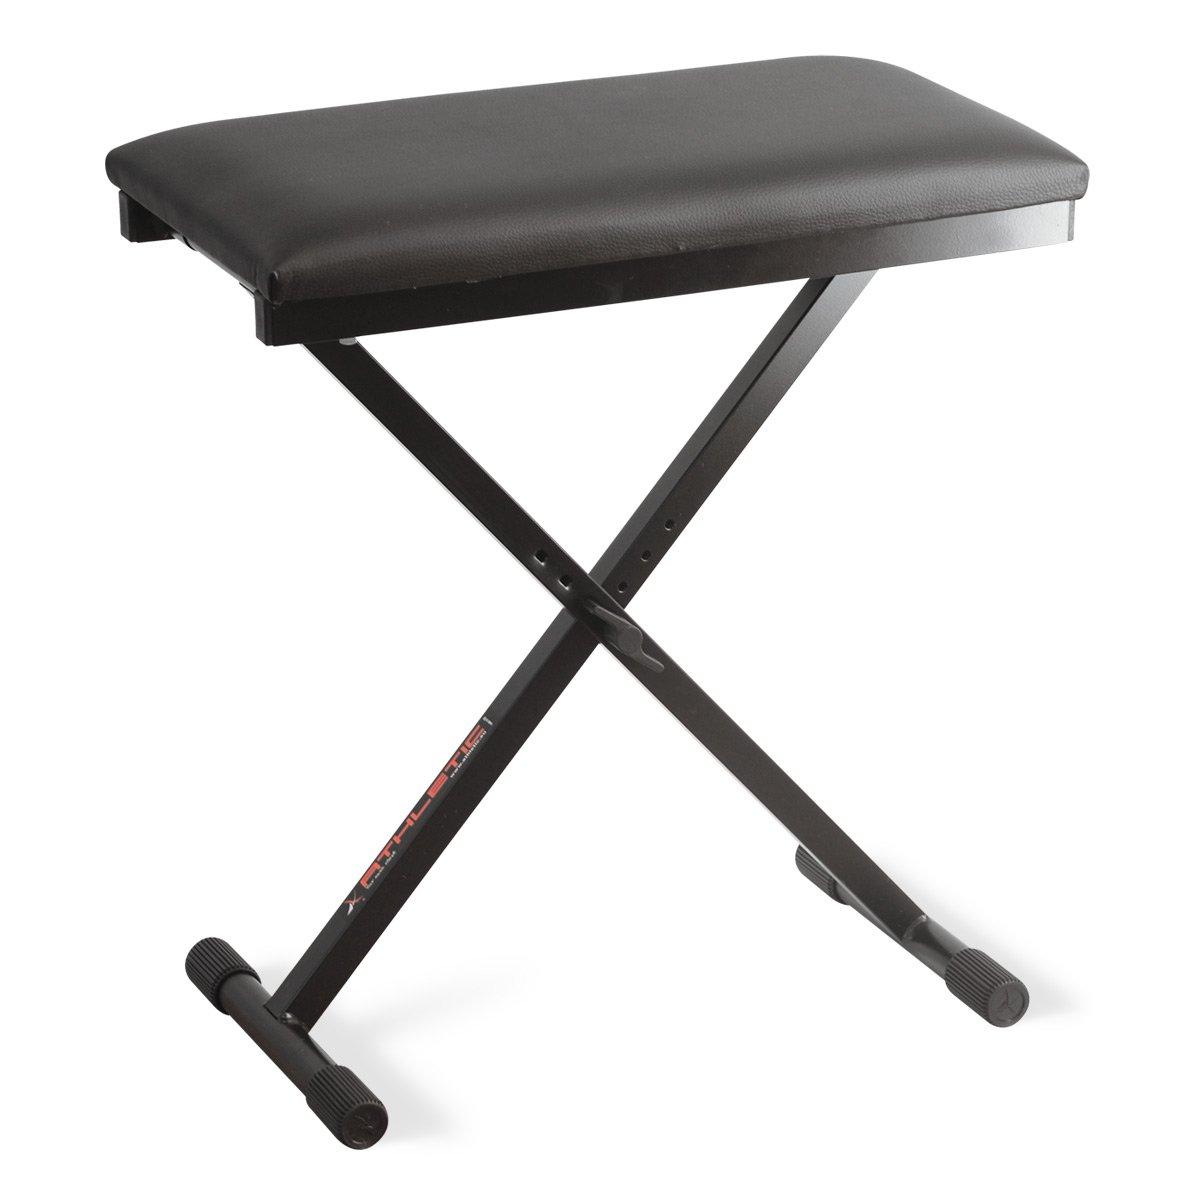 Piano Bench a Athletic BN-1 klavír